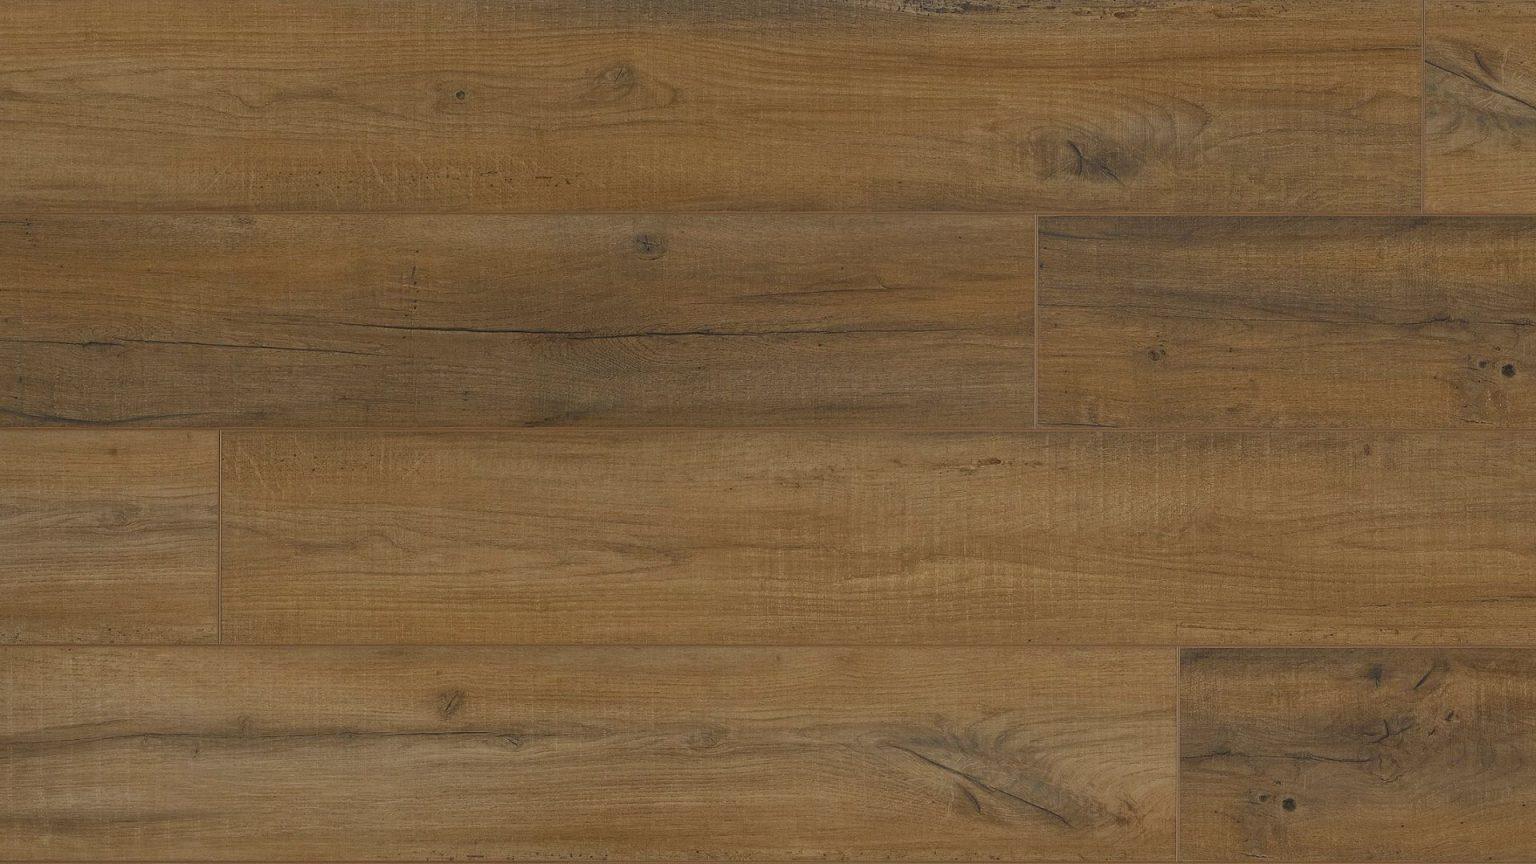 Manitoba 50 LVRE 123 / COREtec® authentics wood